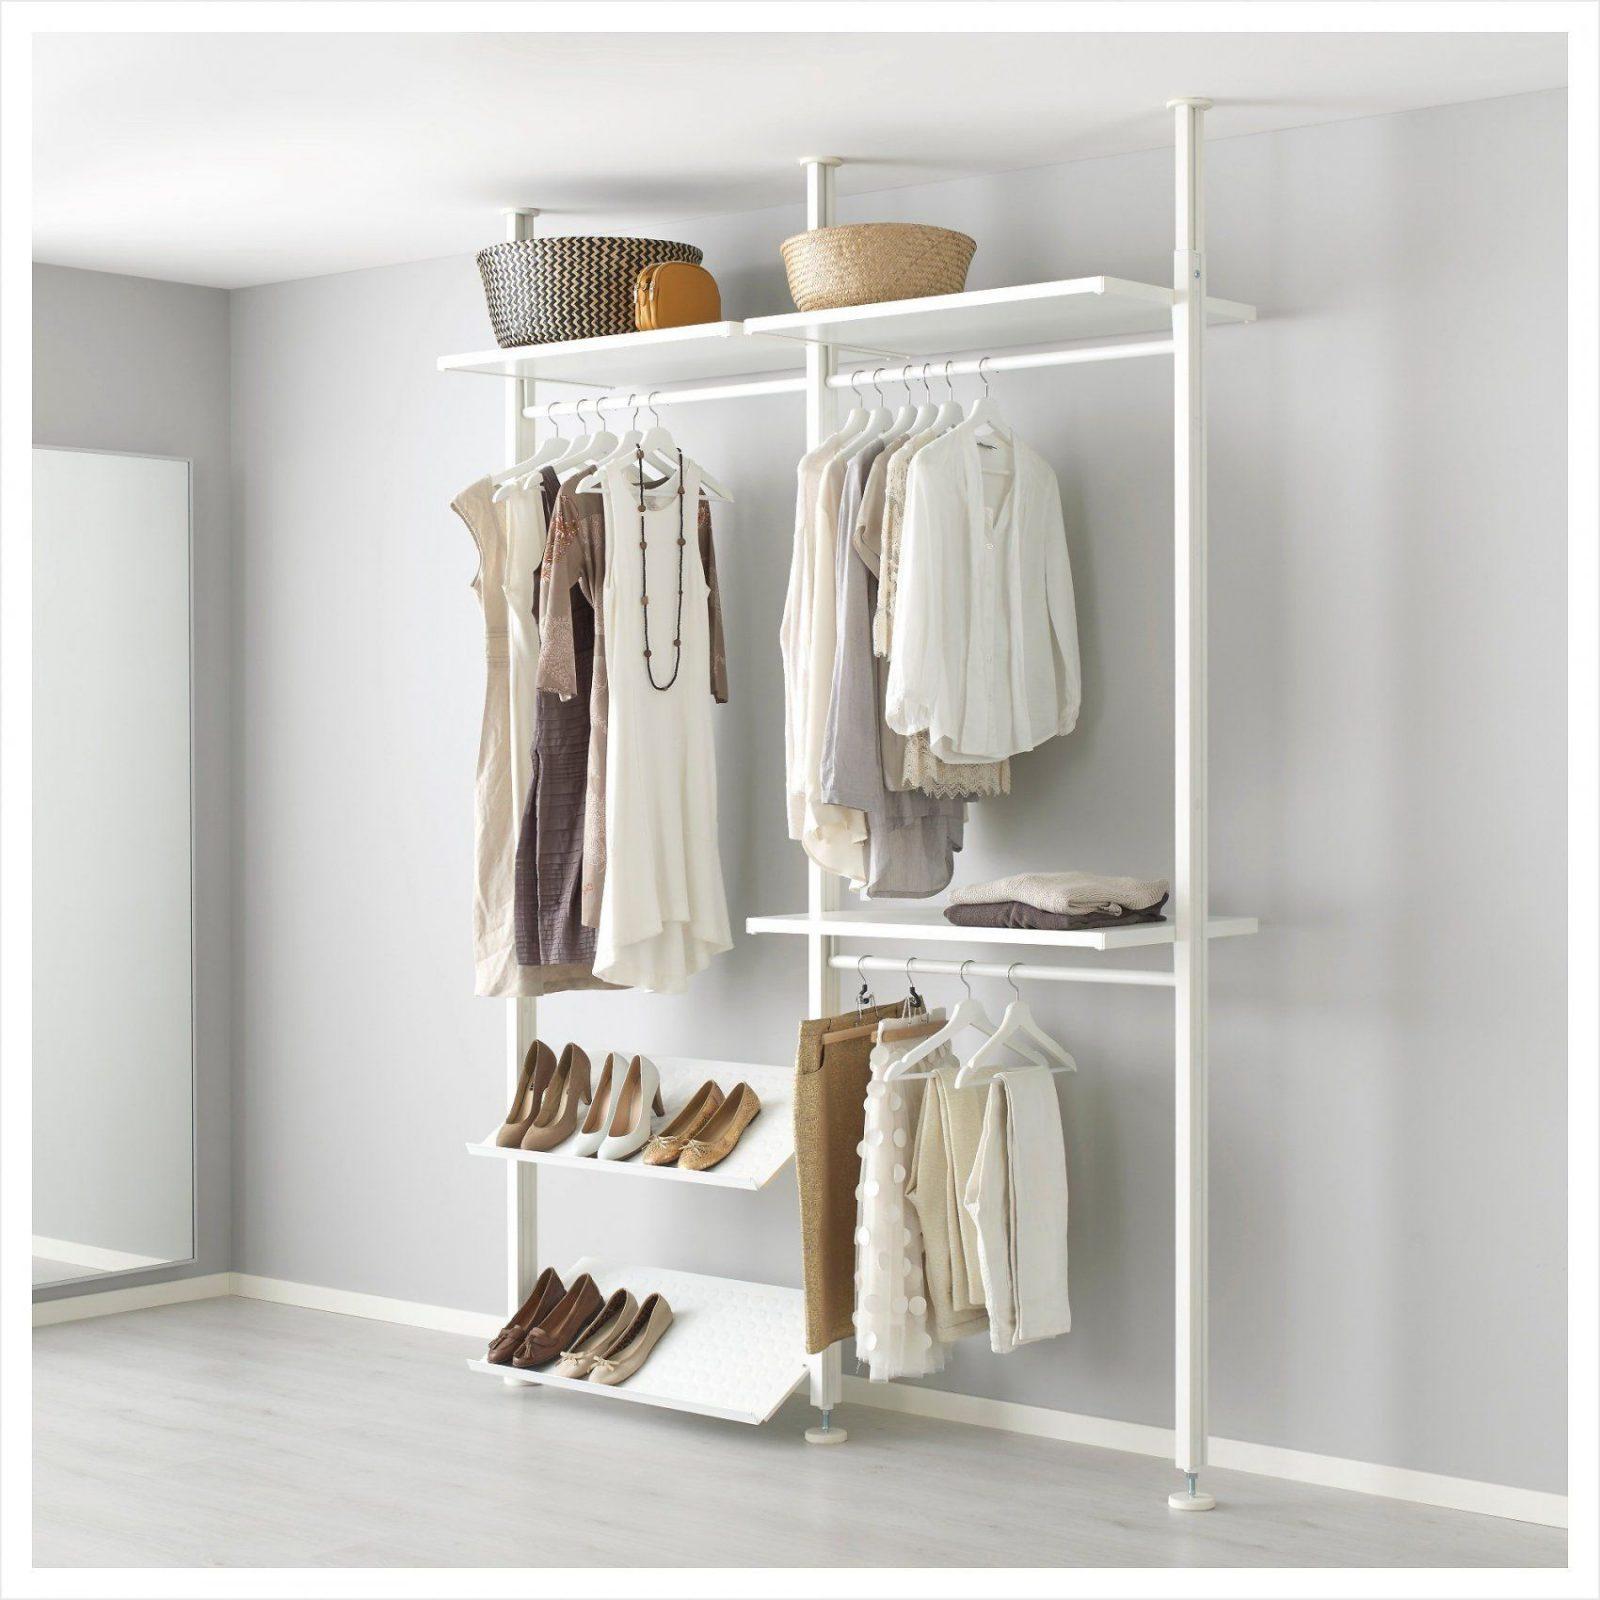 Luxury Spannende Ideen Begehbarer Kleiderschrank Ikea Stolmen Pax von Ikea Begehbarer Kleiderschrank Stolmen Bild